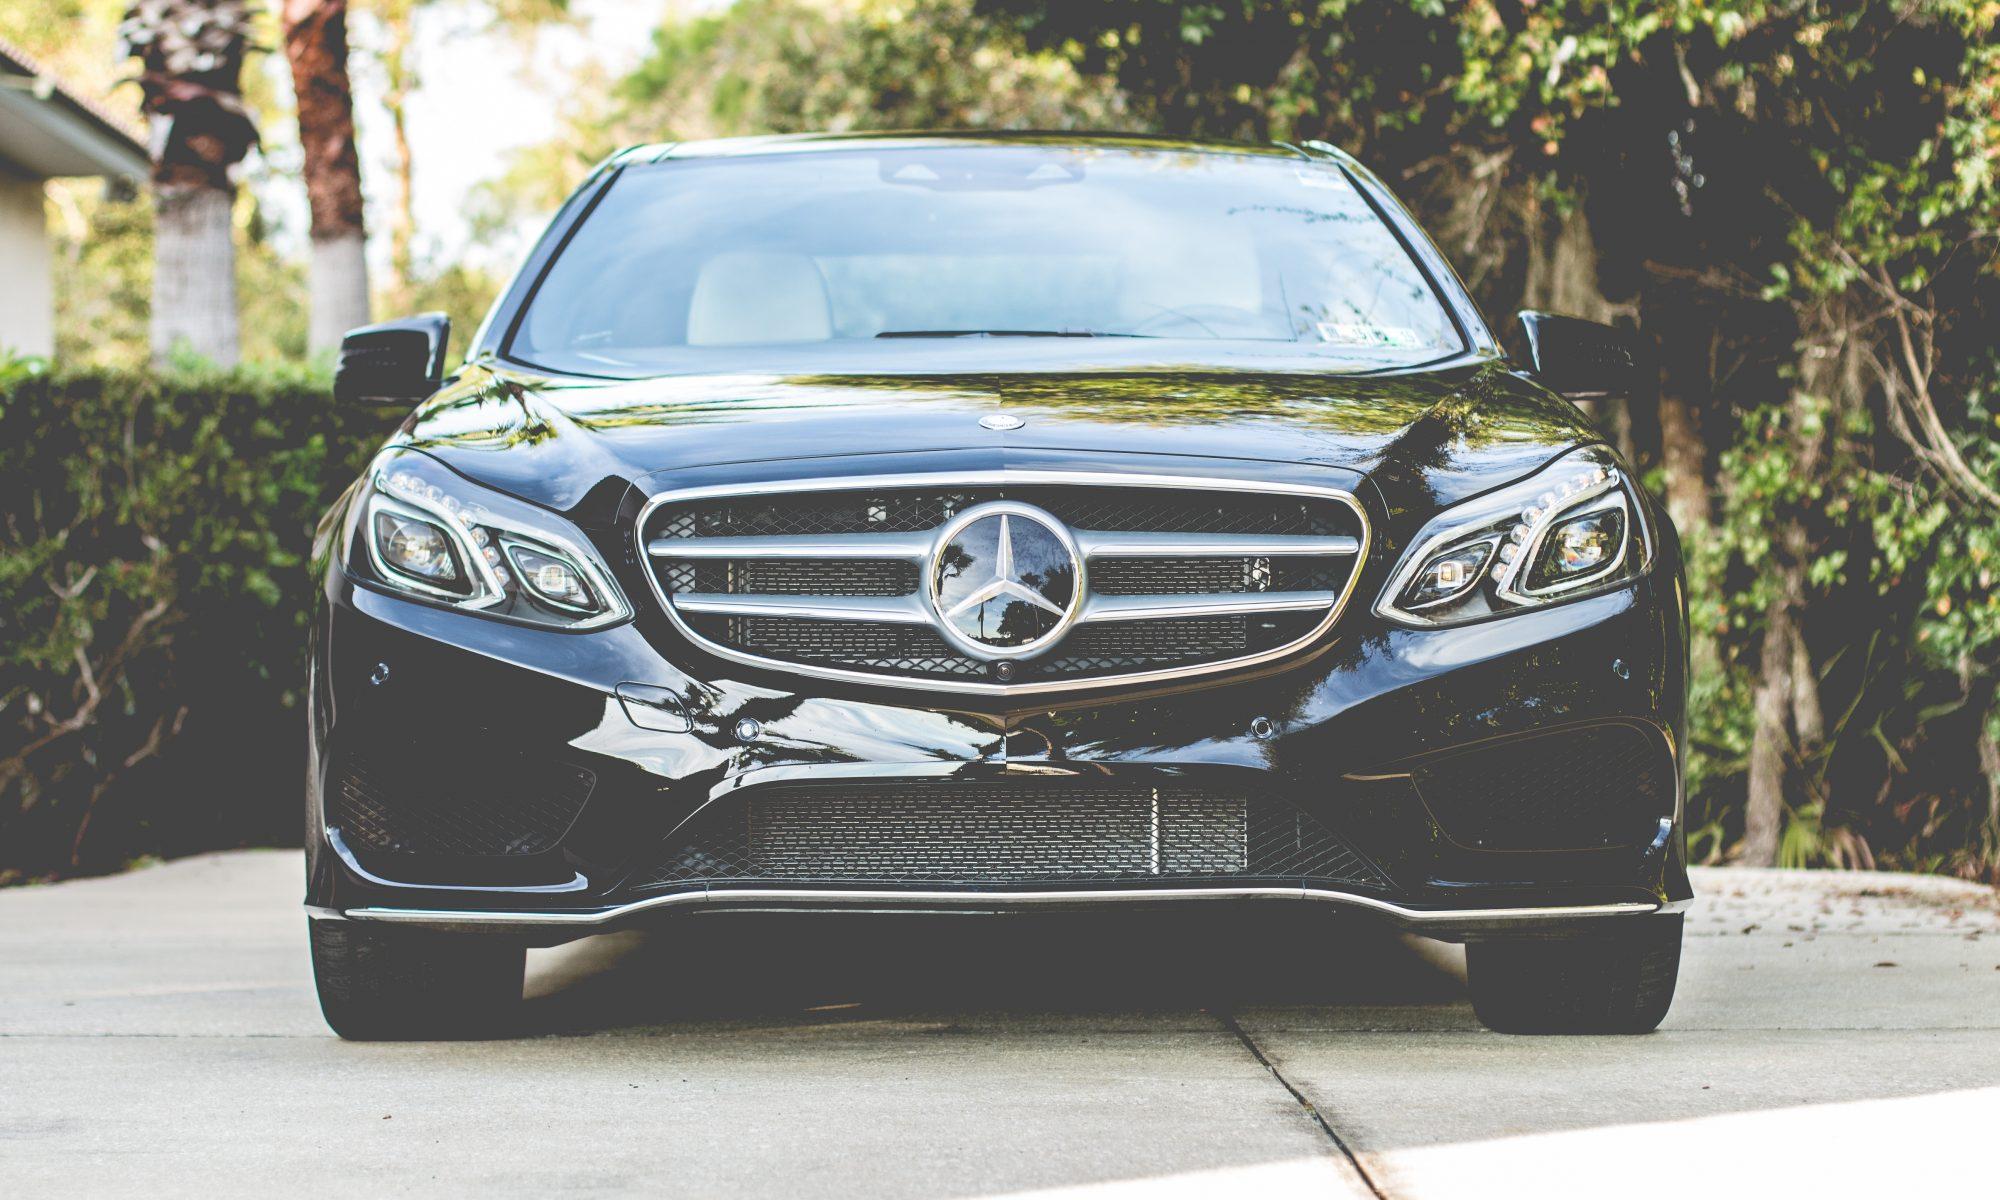 Find brugte biler til fornuftige priser og i god kvalitet online